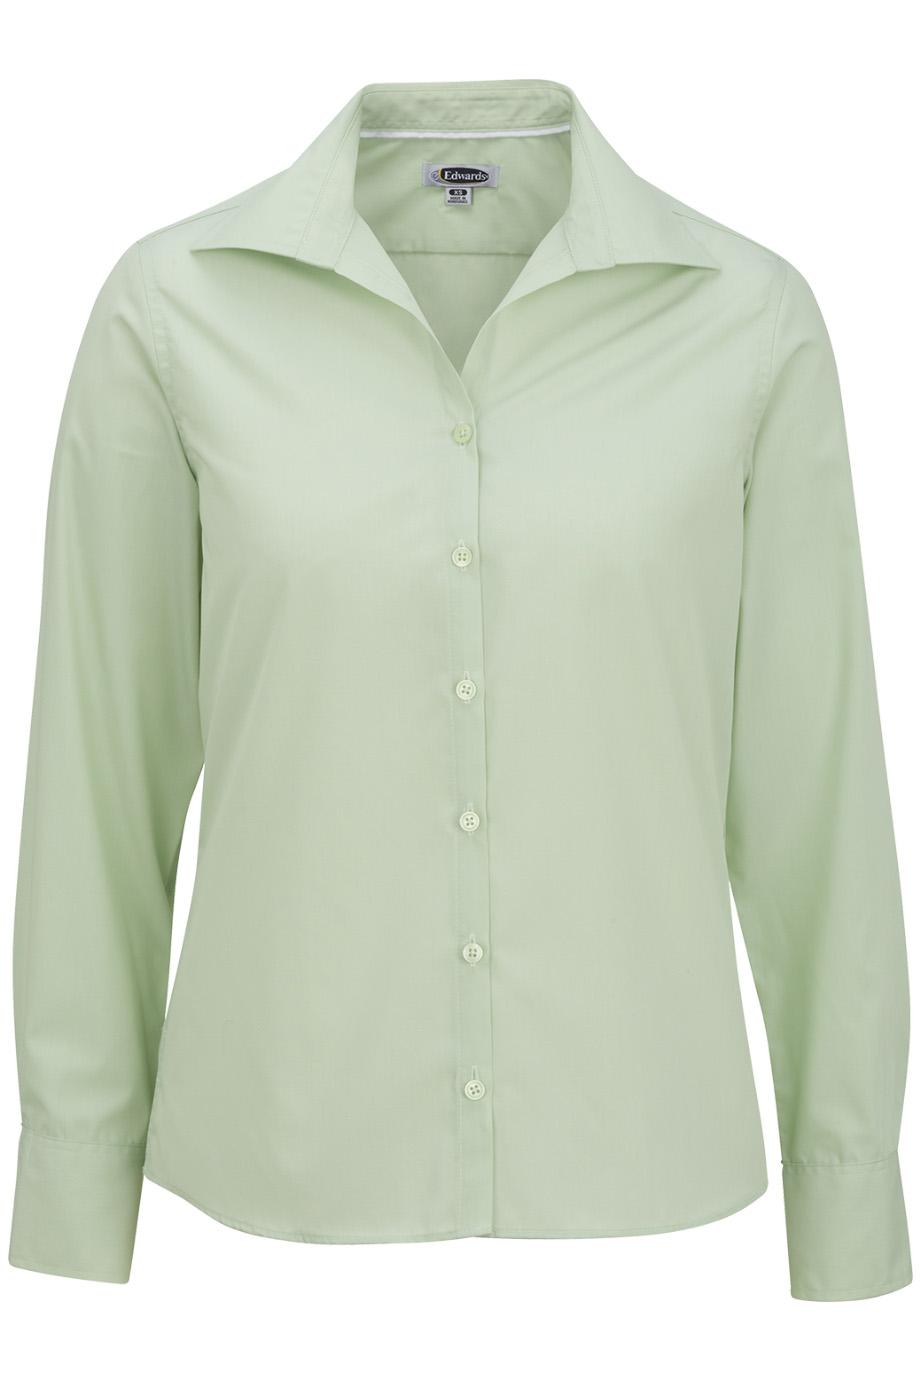 Ladies' Lightweight Open Neck Poplin Blouse-Long Sleeve 5295